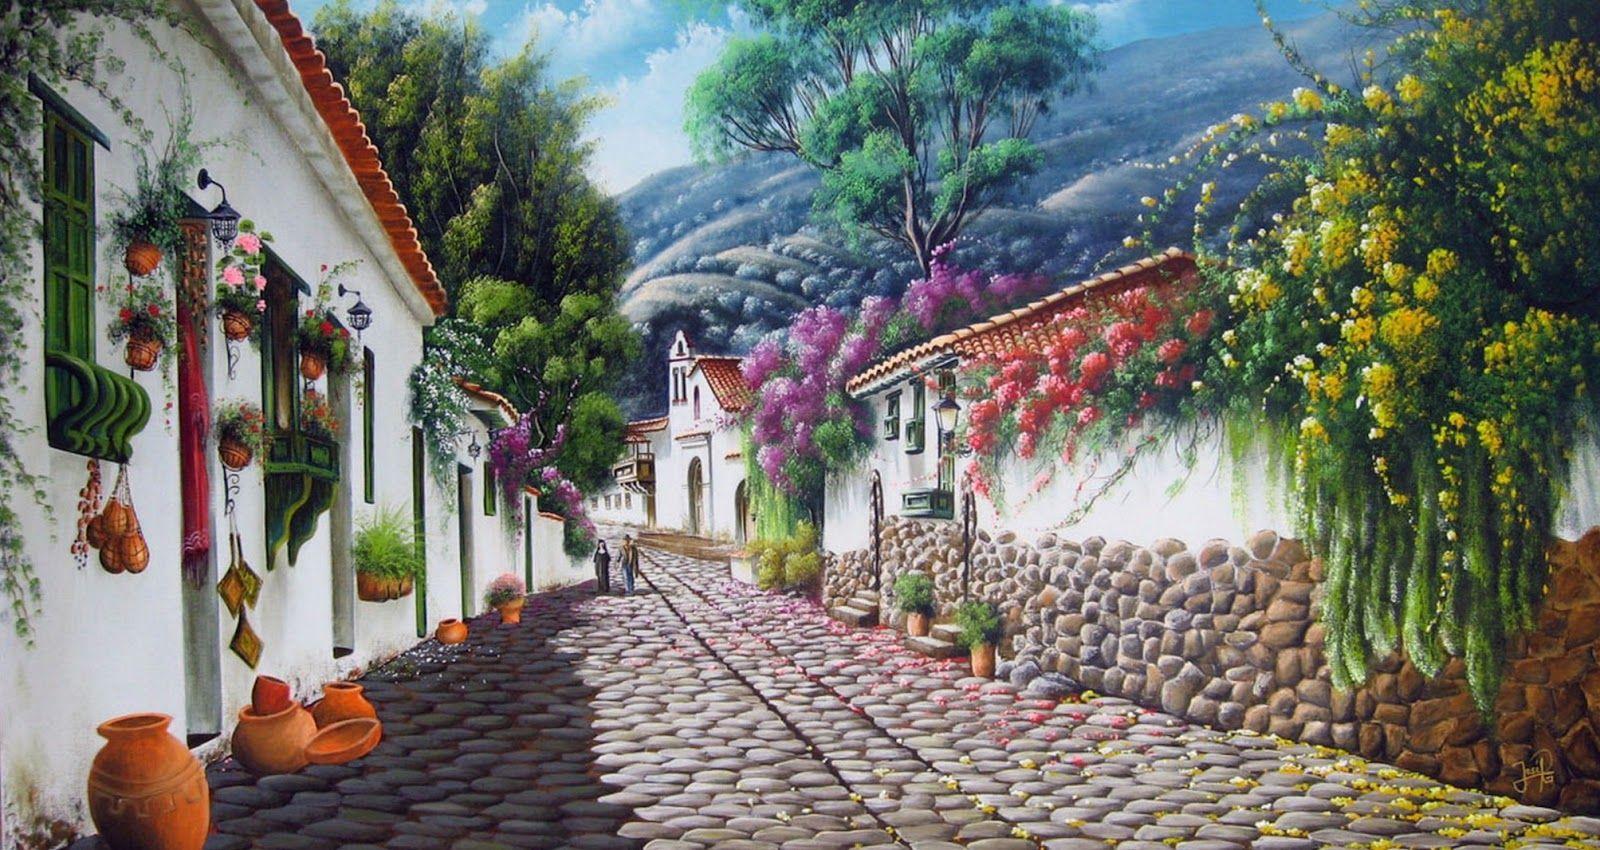 Imágenes Arte Pinturas: José Raúl Rodríguez Galán | cuadros | Pinterest